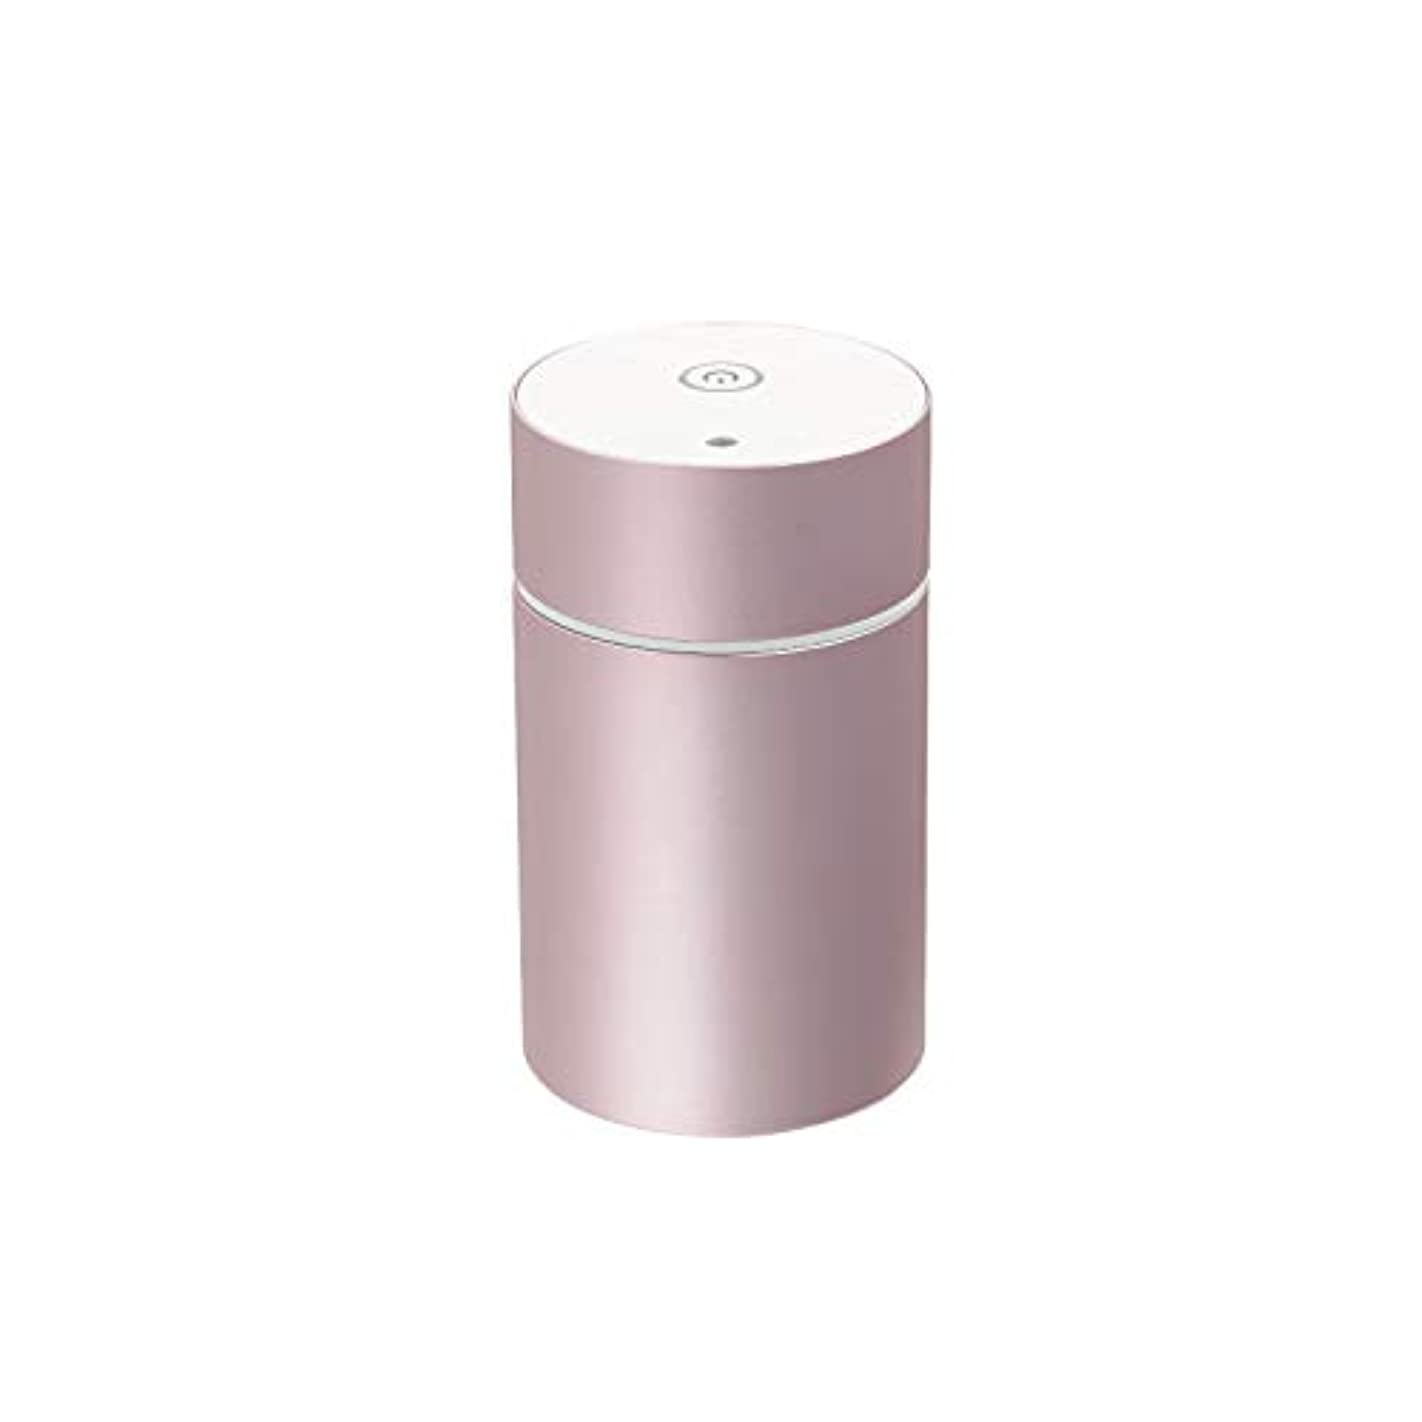 柔らかいバウンド交差点生活の木 アロマディフューザー(ピンク)aromore mini(アロモアミニ) 08-801-7020